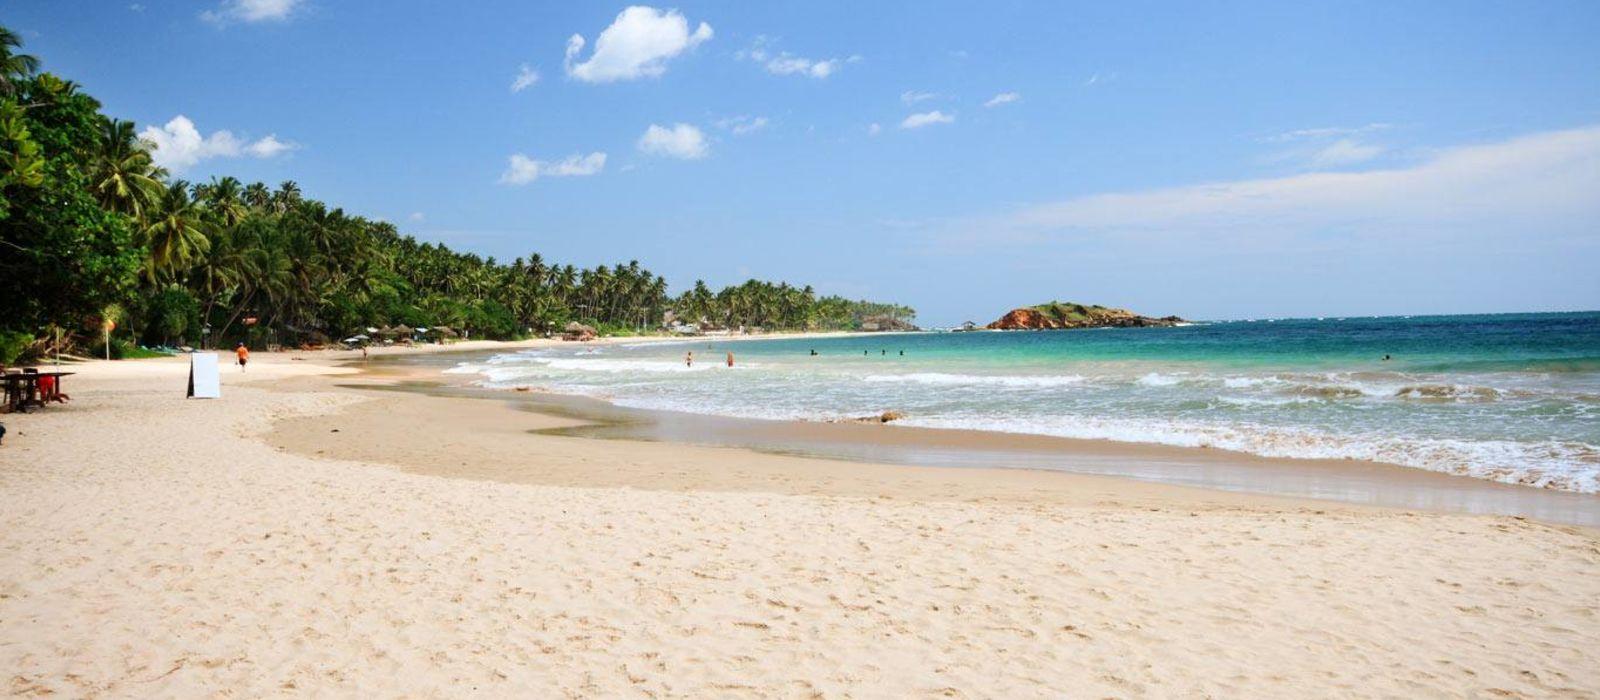 Destination Mirissa/Weligama Sri Lanka